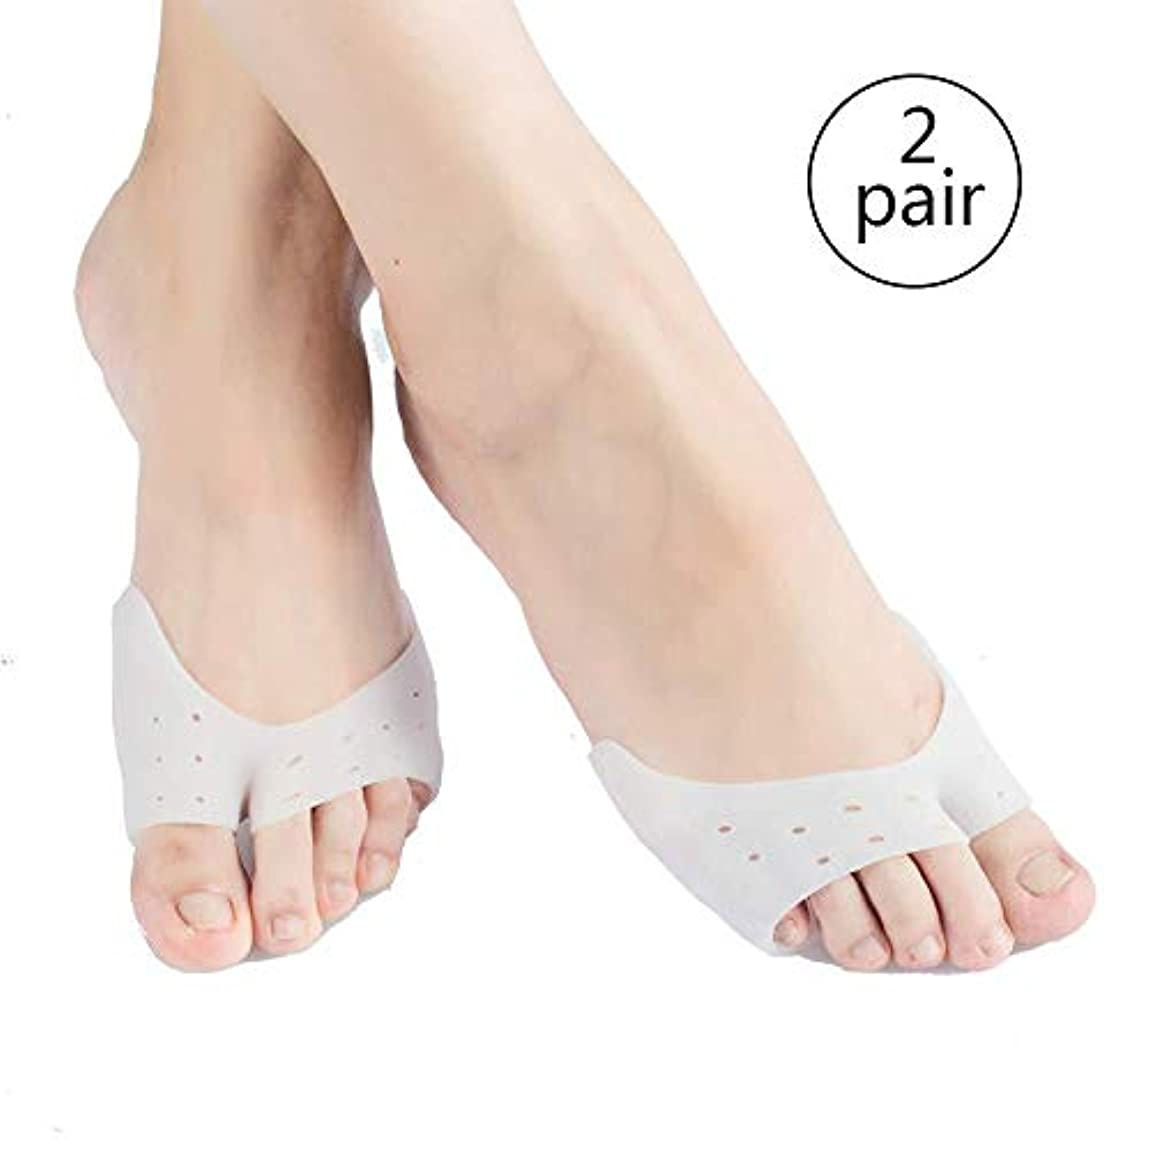 追加する評価する荒らす足のセパレーター、足の親指のアライナー、足の親指の矯正、ナイトバニオンの寛解、男性と女性の外反母hallの痛みの緩和